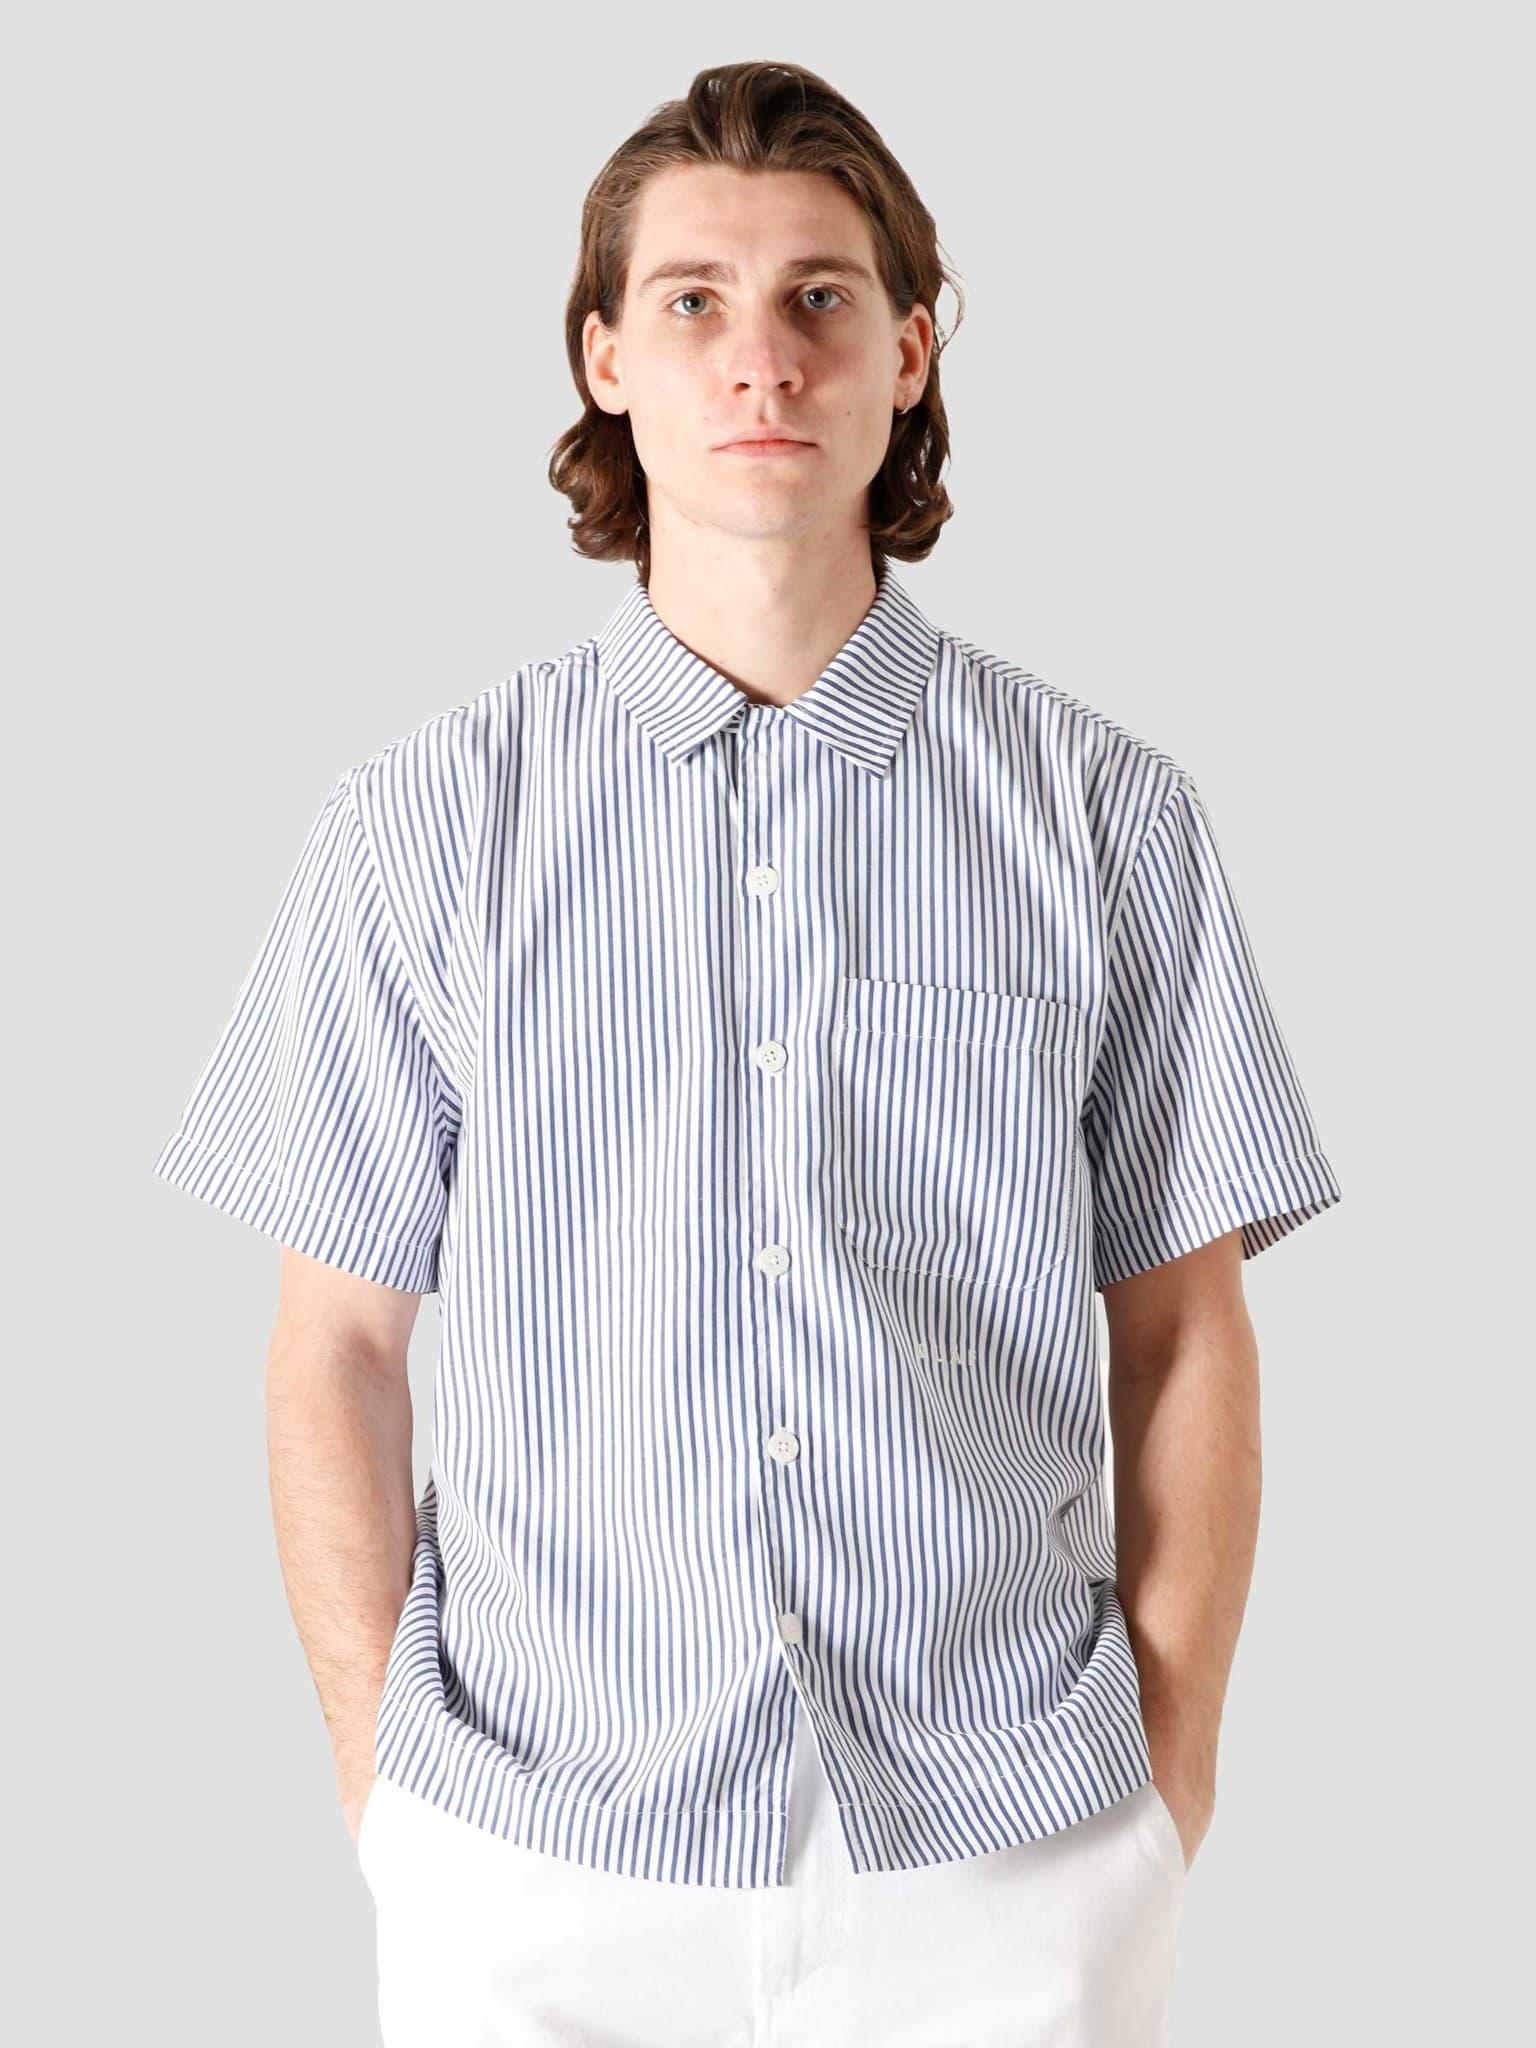 OH Stripe Shirt Navy White